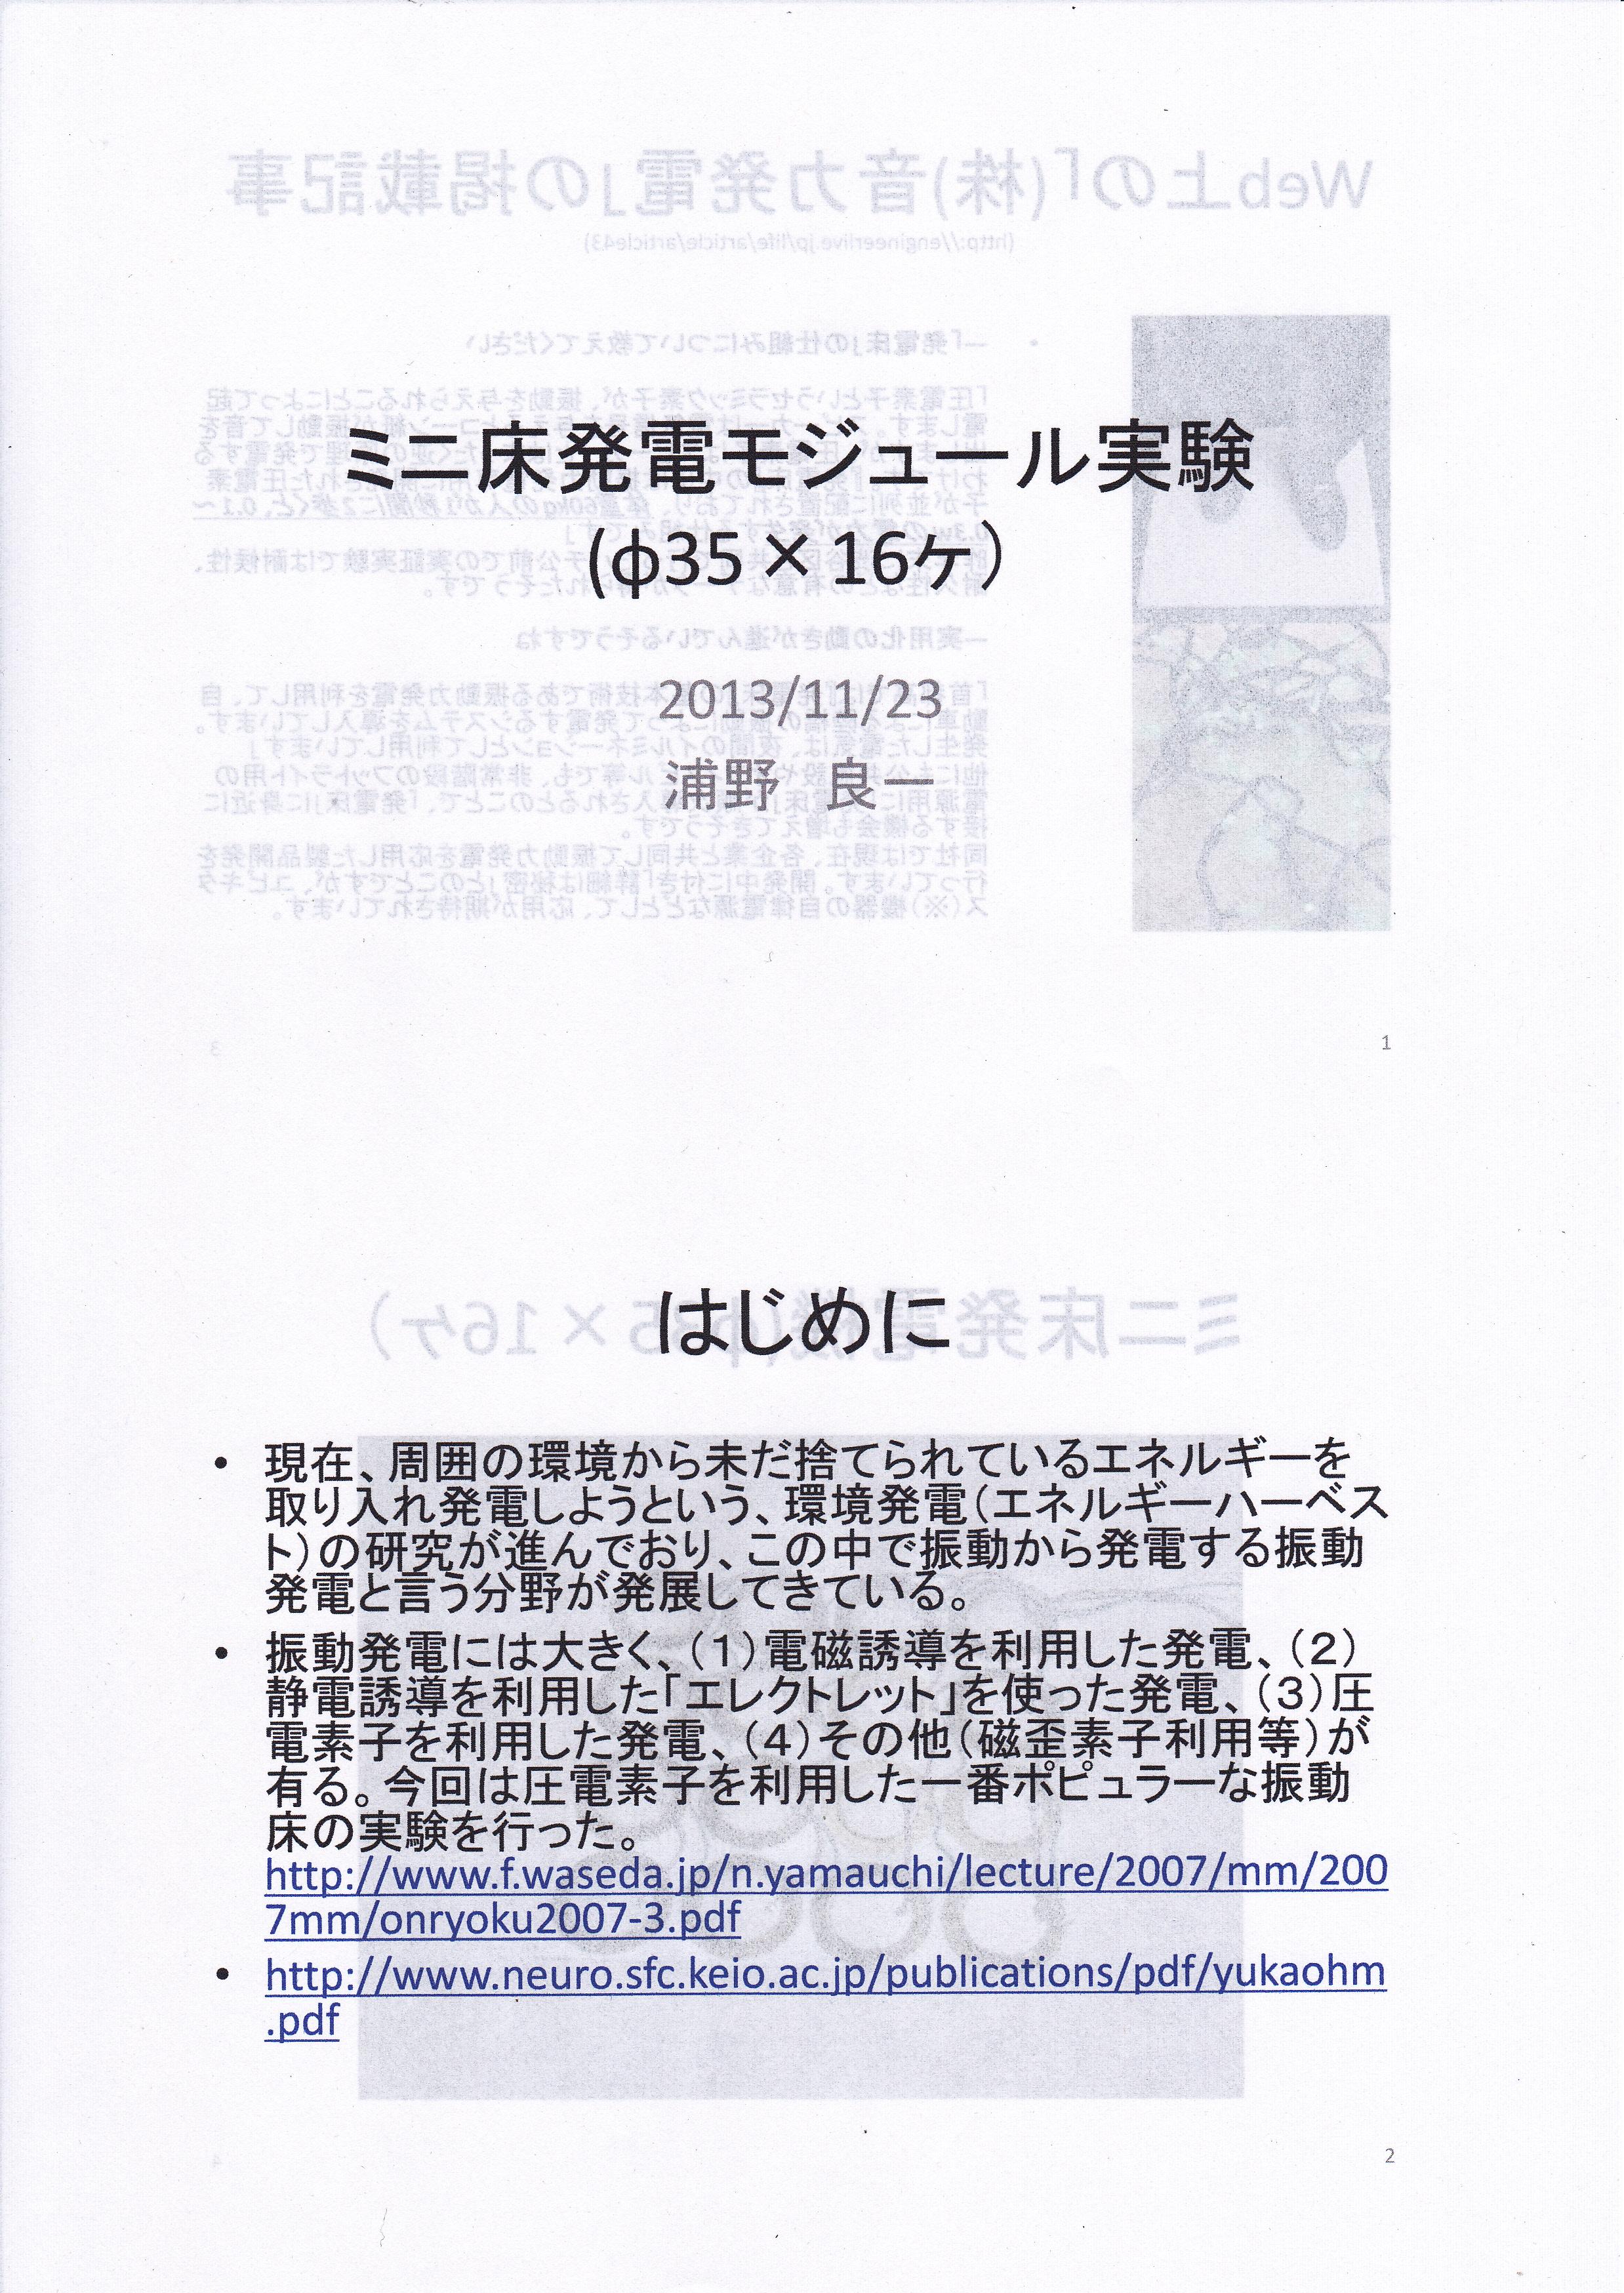 ミニ床発電モジュール実験1